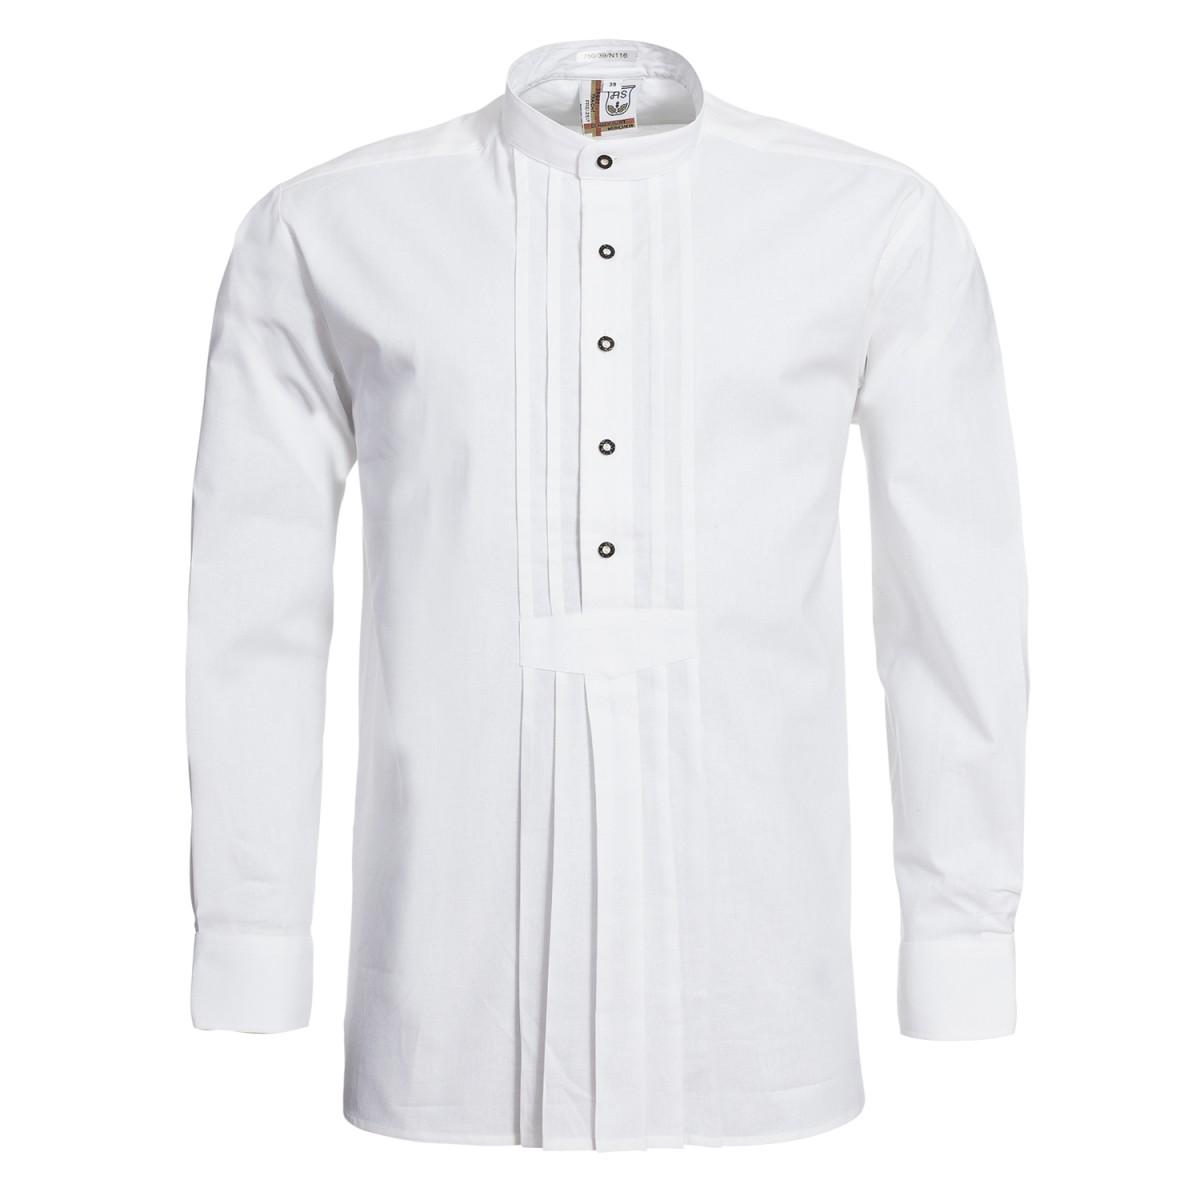 Trachtenhemd Max Regular Fit mit Riegel in Weiß von Schweighart